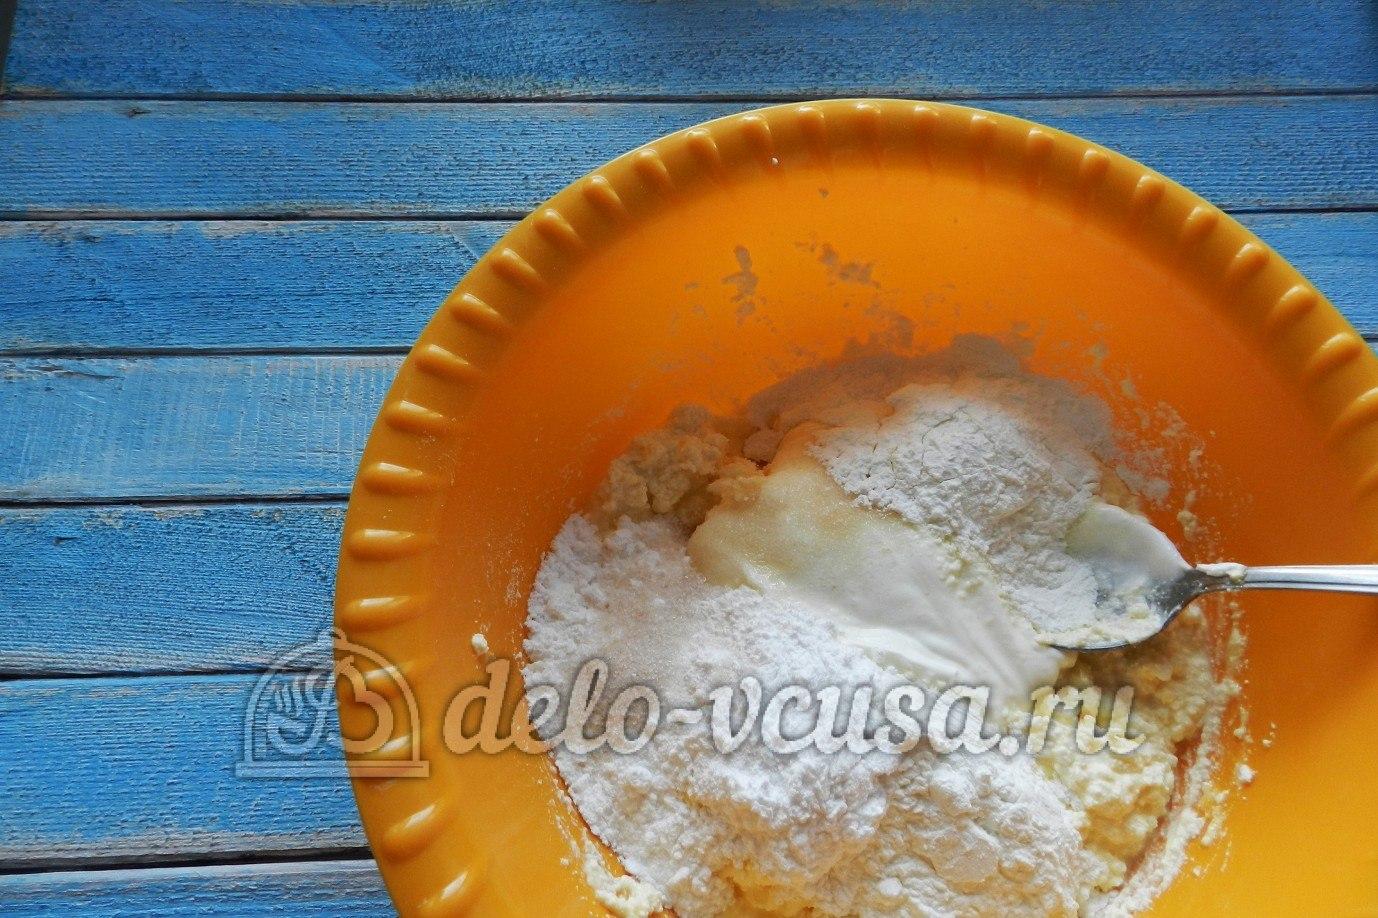 Апельсиновый чизкейк: Добавить сметену